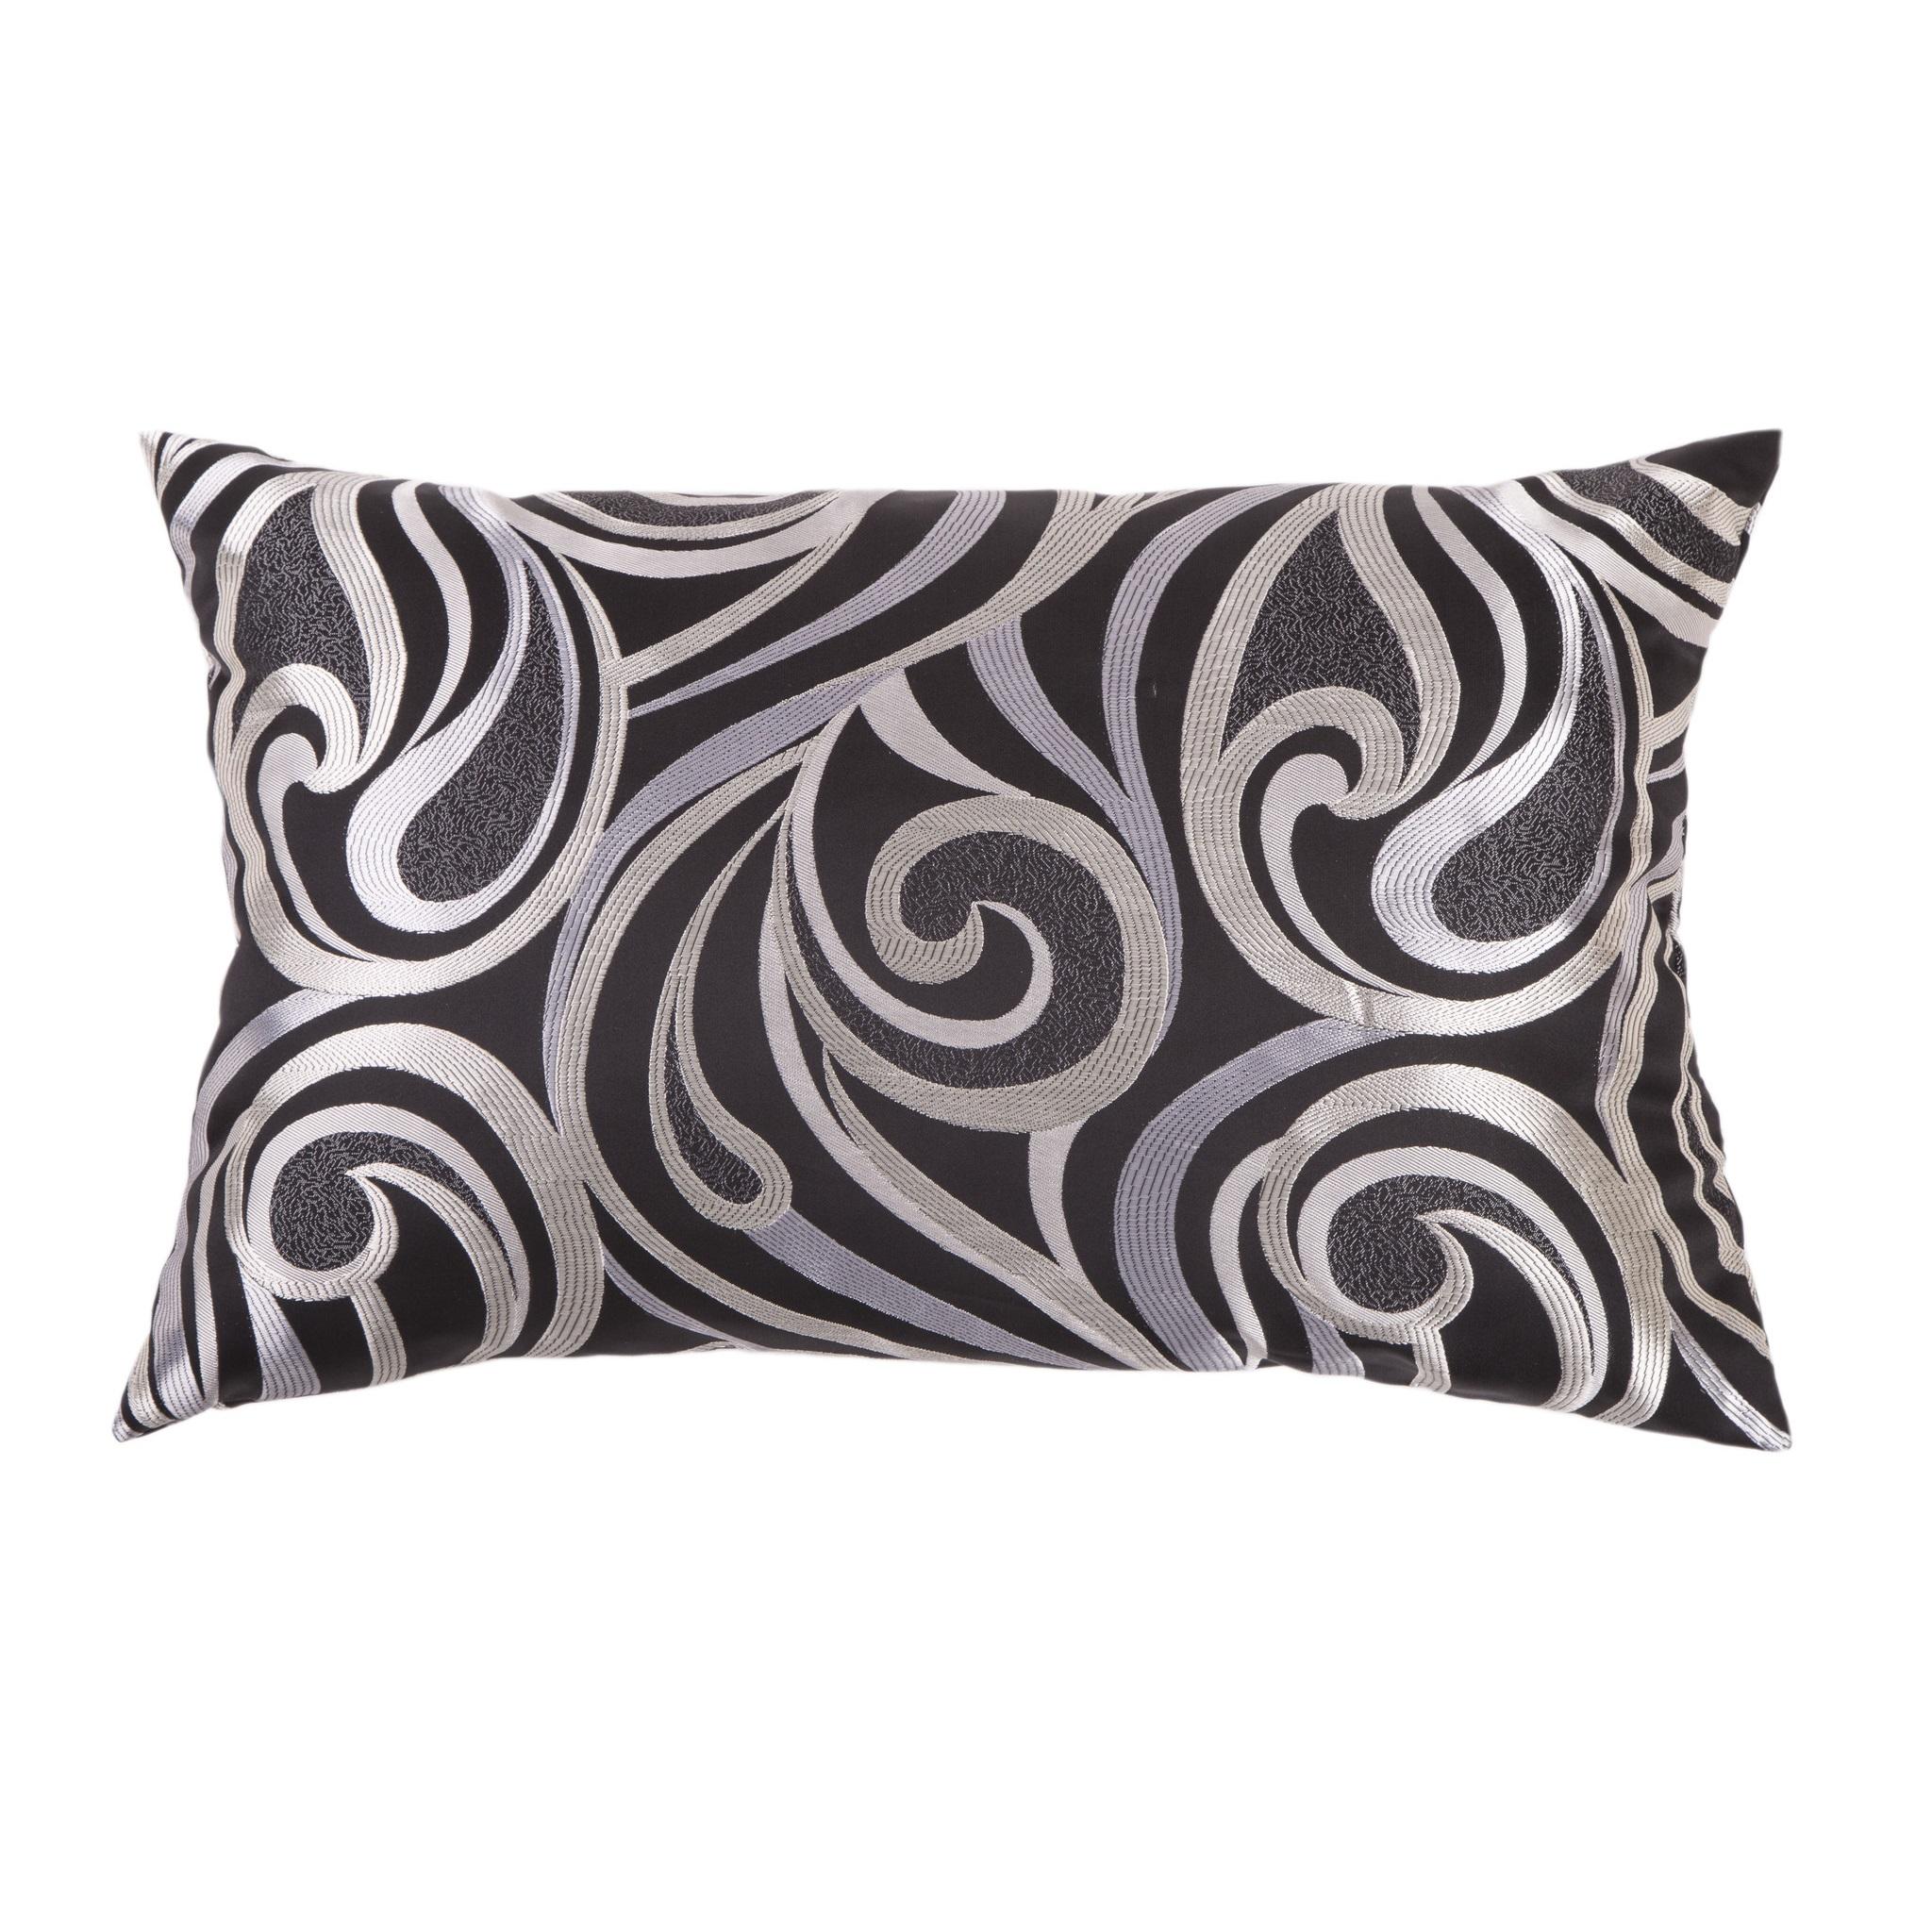 Подушка ФантазияПрямоугольные подушки и наволочки<br>Декоративная подушка &amp;quot;Фантазия&amp;quot;станет ярким акцентом в вашем интерьере. Высококачественный материал приятен для кожи и безопасен даже для самой чувствительной кожи.  Оригинальный дизайнерский принт сделает пространство стильным и своеобразным.<br><br>Material: Текстиль<br>Length см: None<br>Width см: 50<br>Depth см: 10<br>Height см: 30